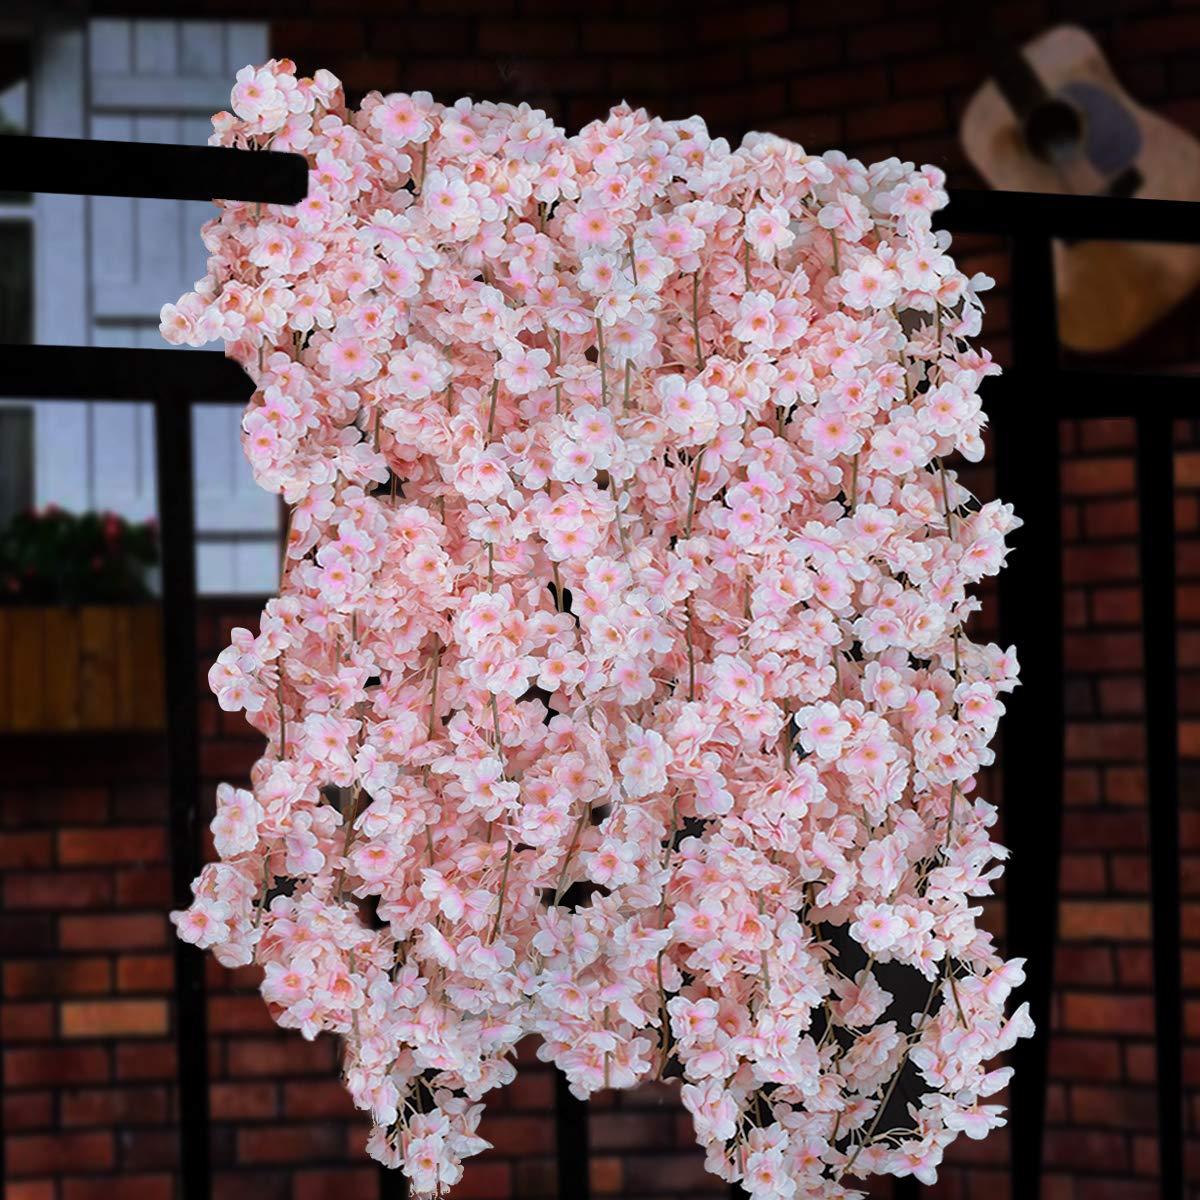 Amazon.com: Sunm boutique Artificial Cherry Blossom Garland Hanging ...